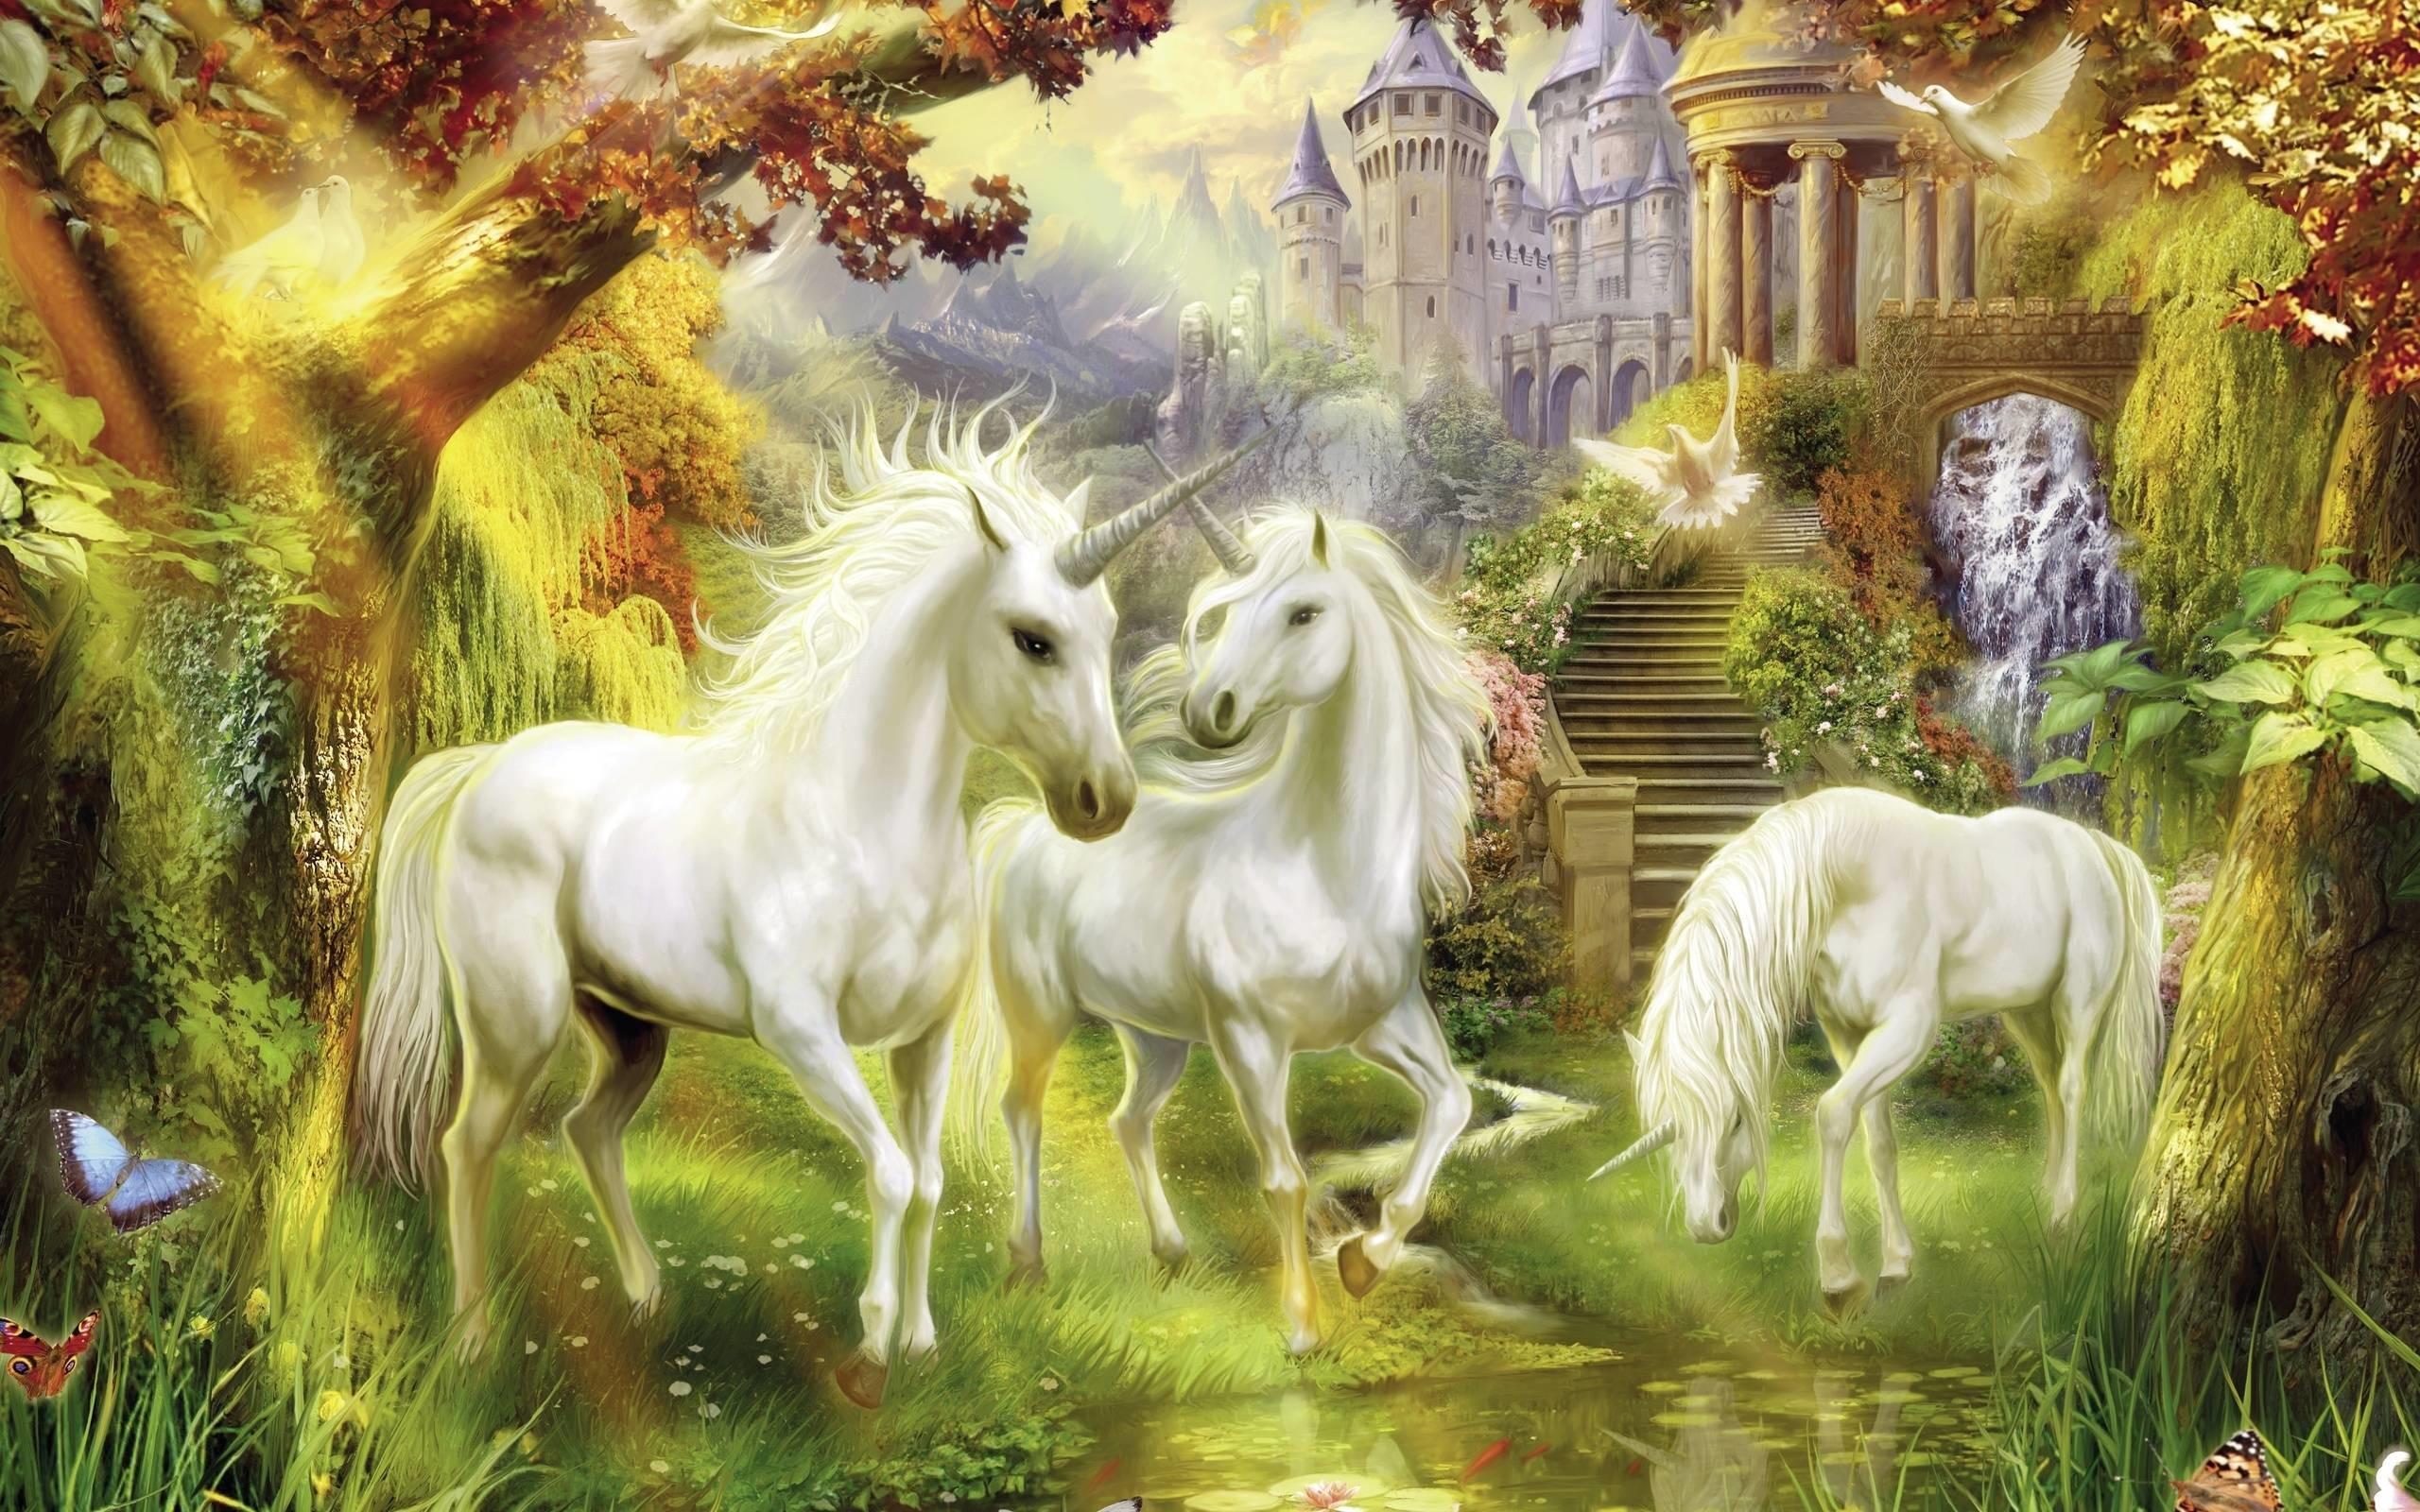 Unicorn Images